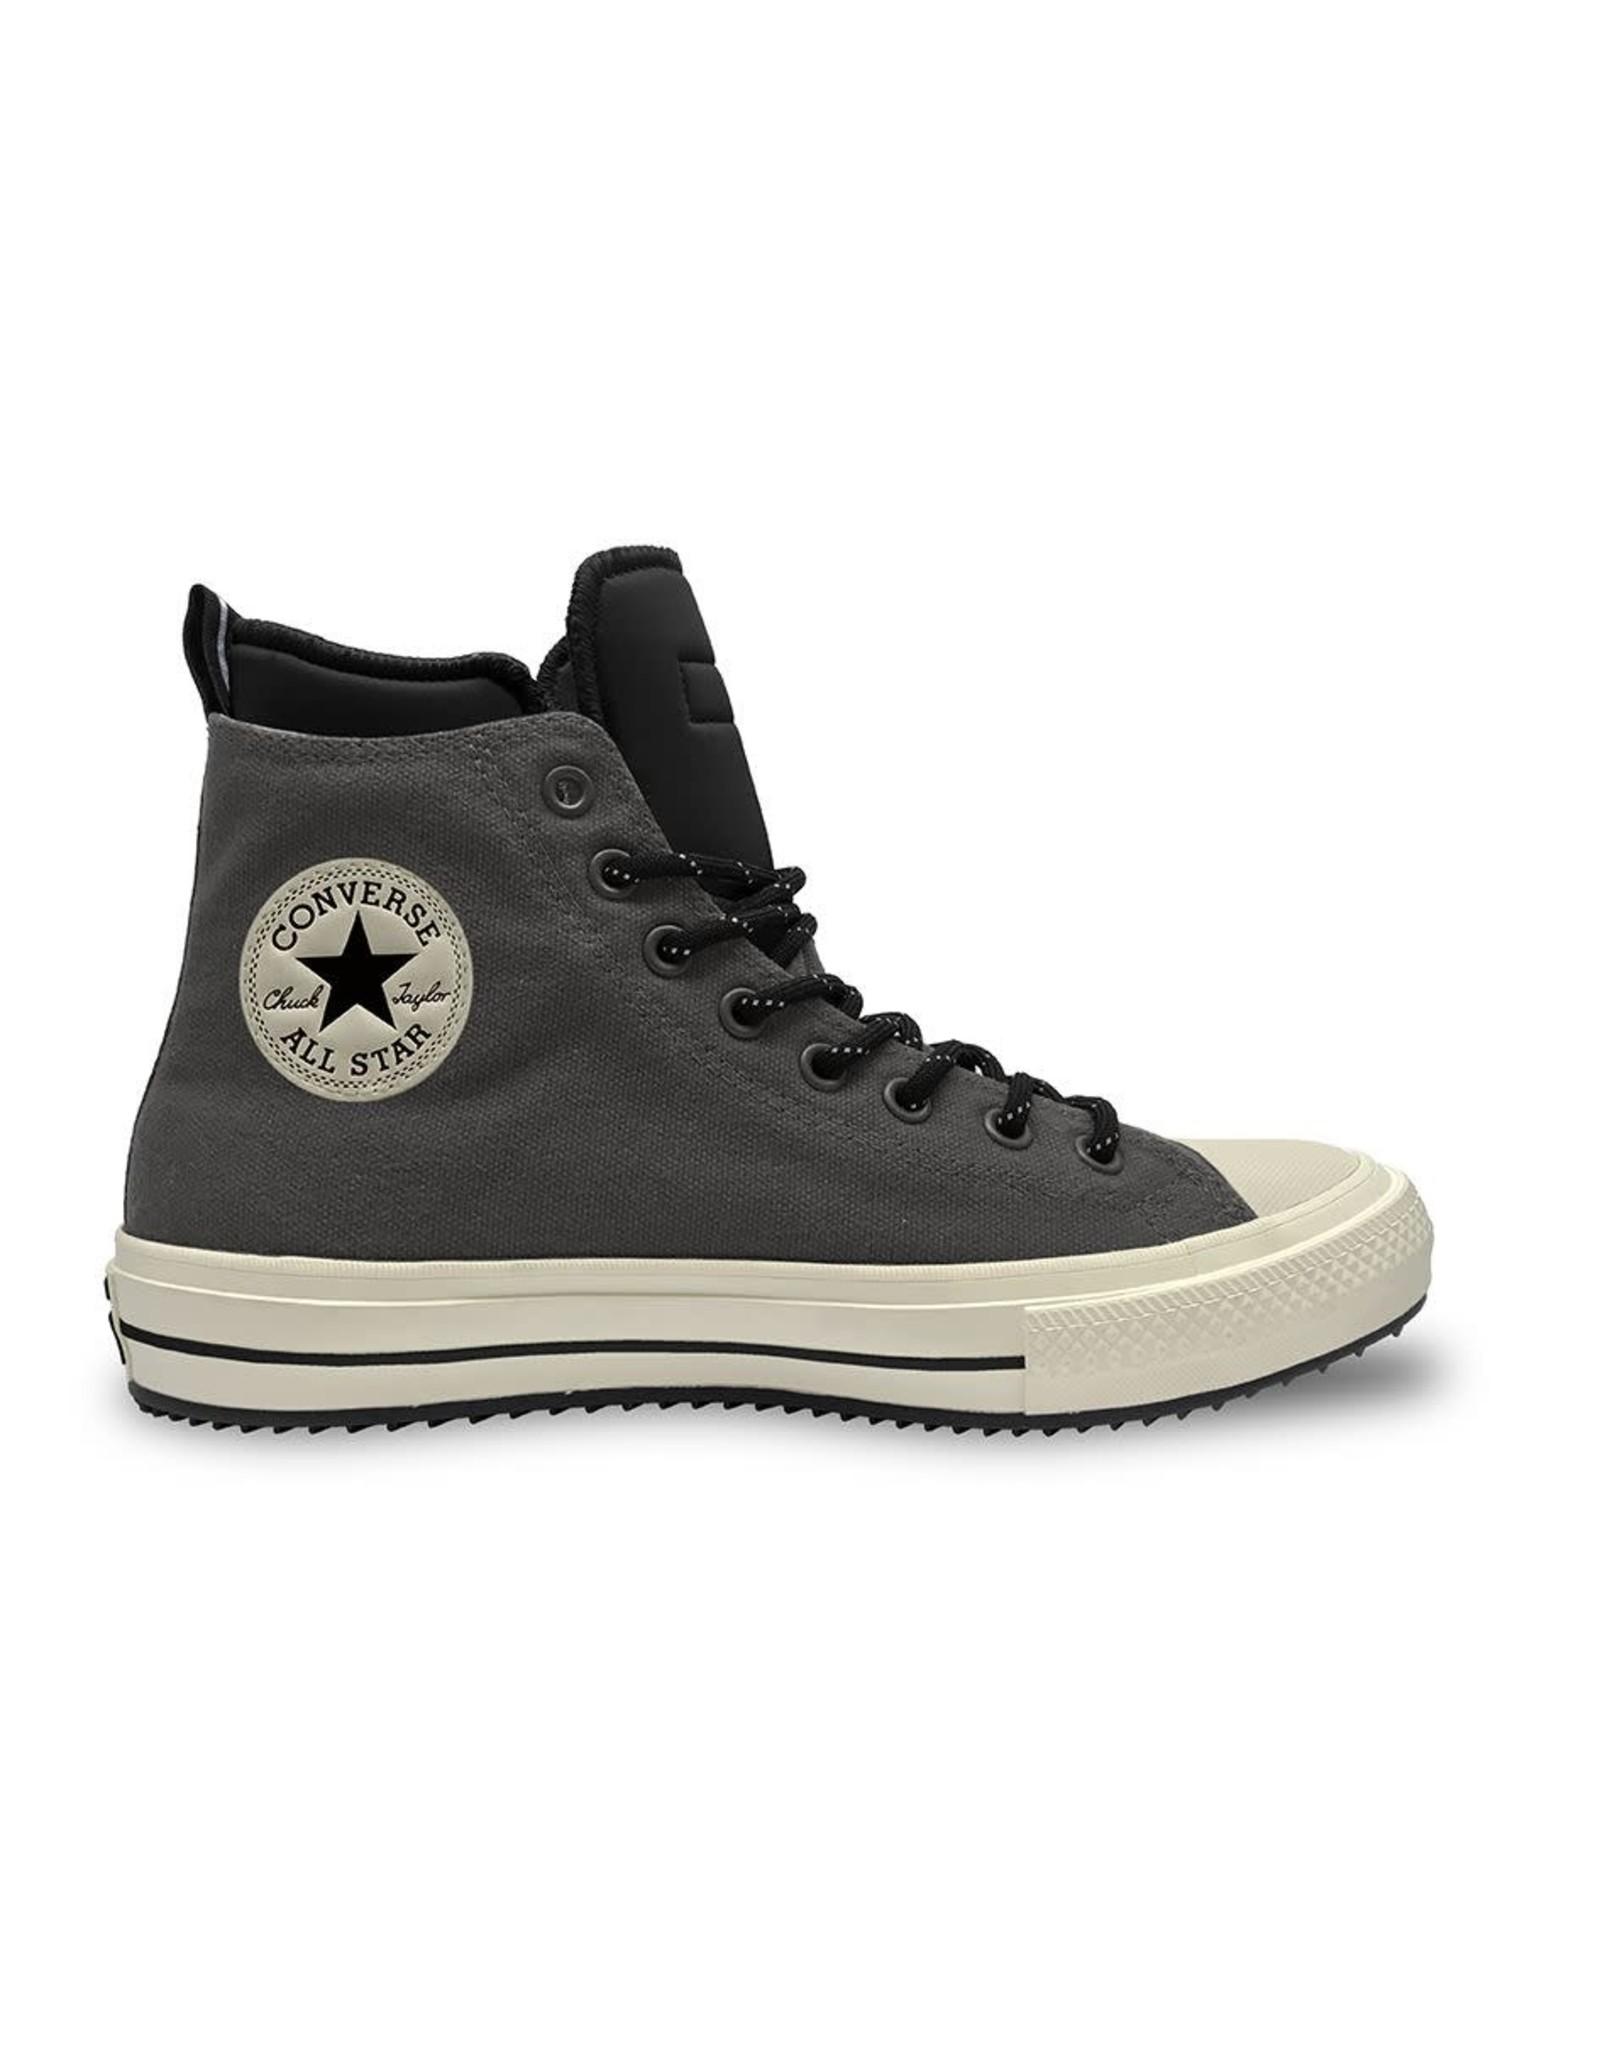 CONVERSE CHUCK TAYLOR ALL STAR BOOT HI CUIR CARBON GREY/BLACK/EGRET CC19BOC-166608C